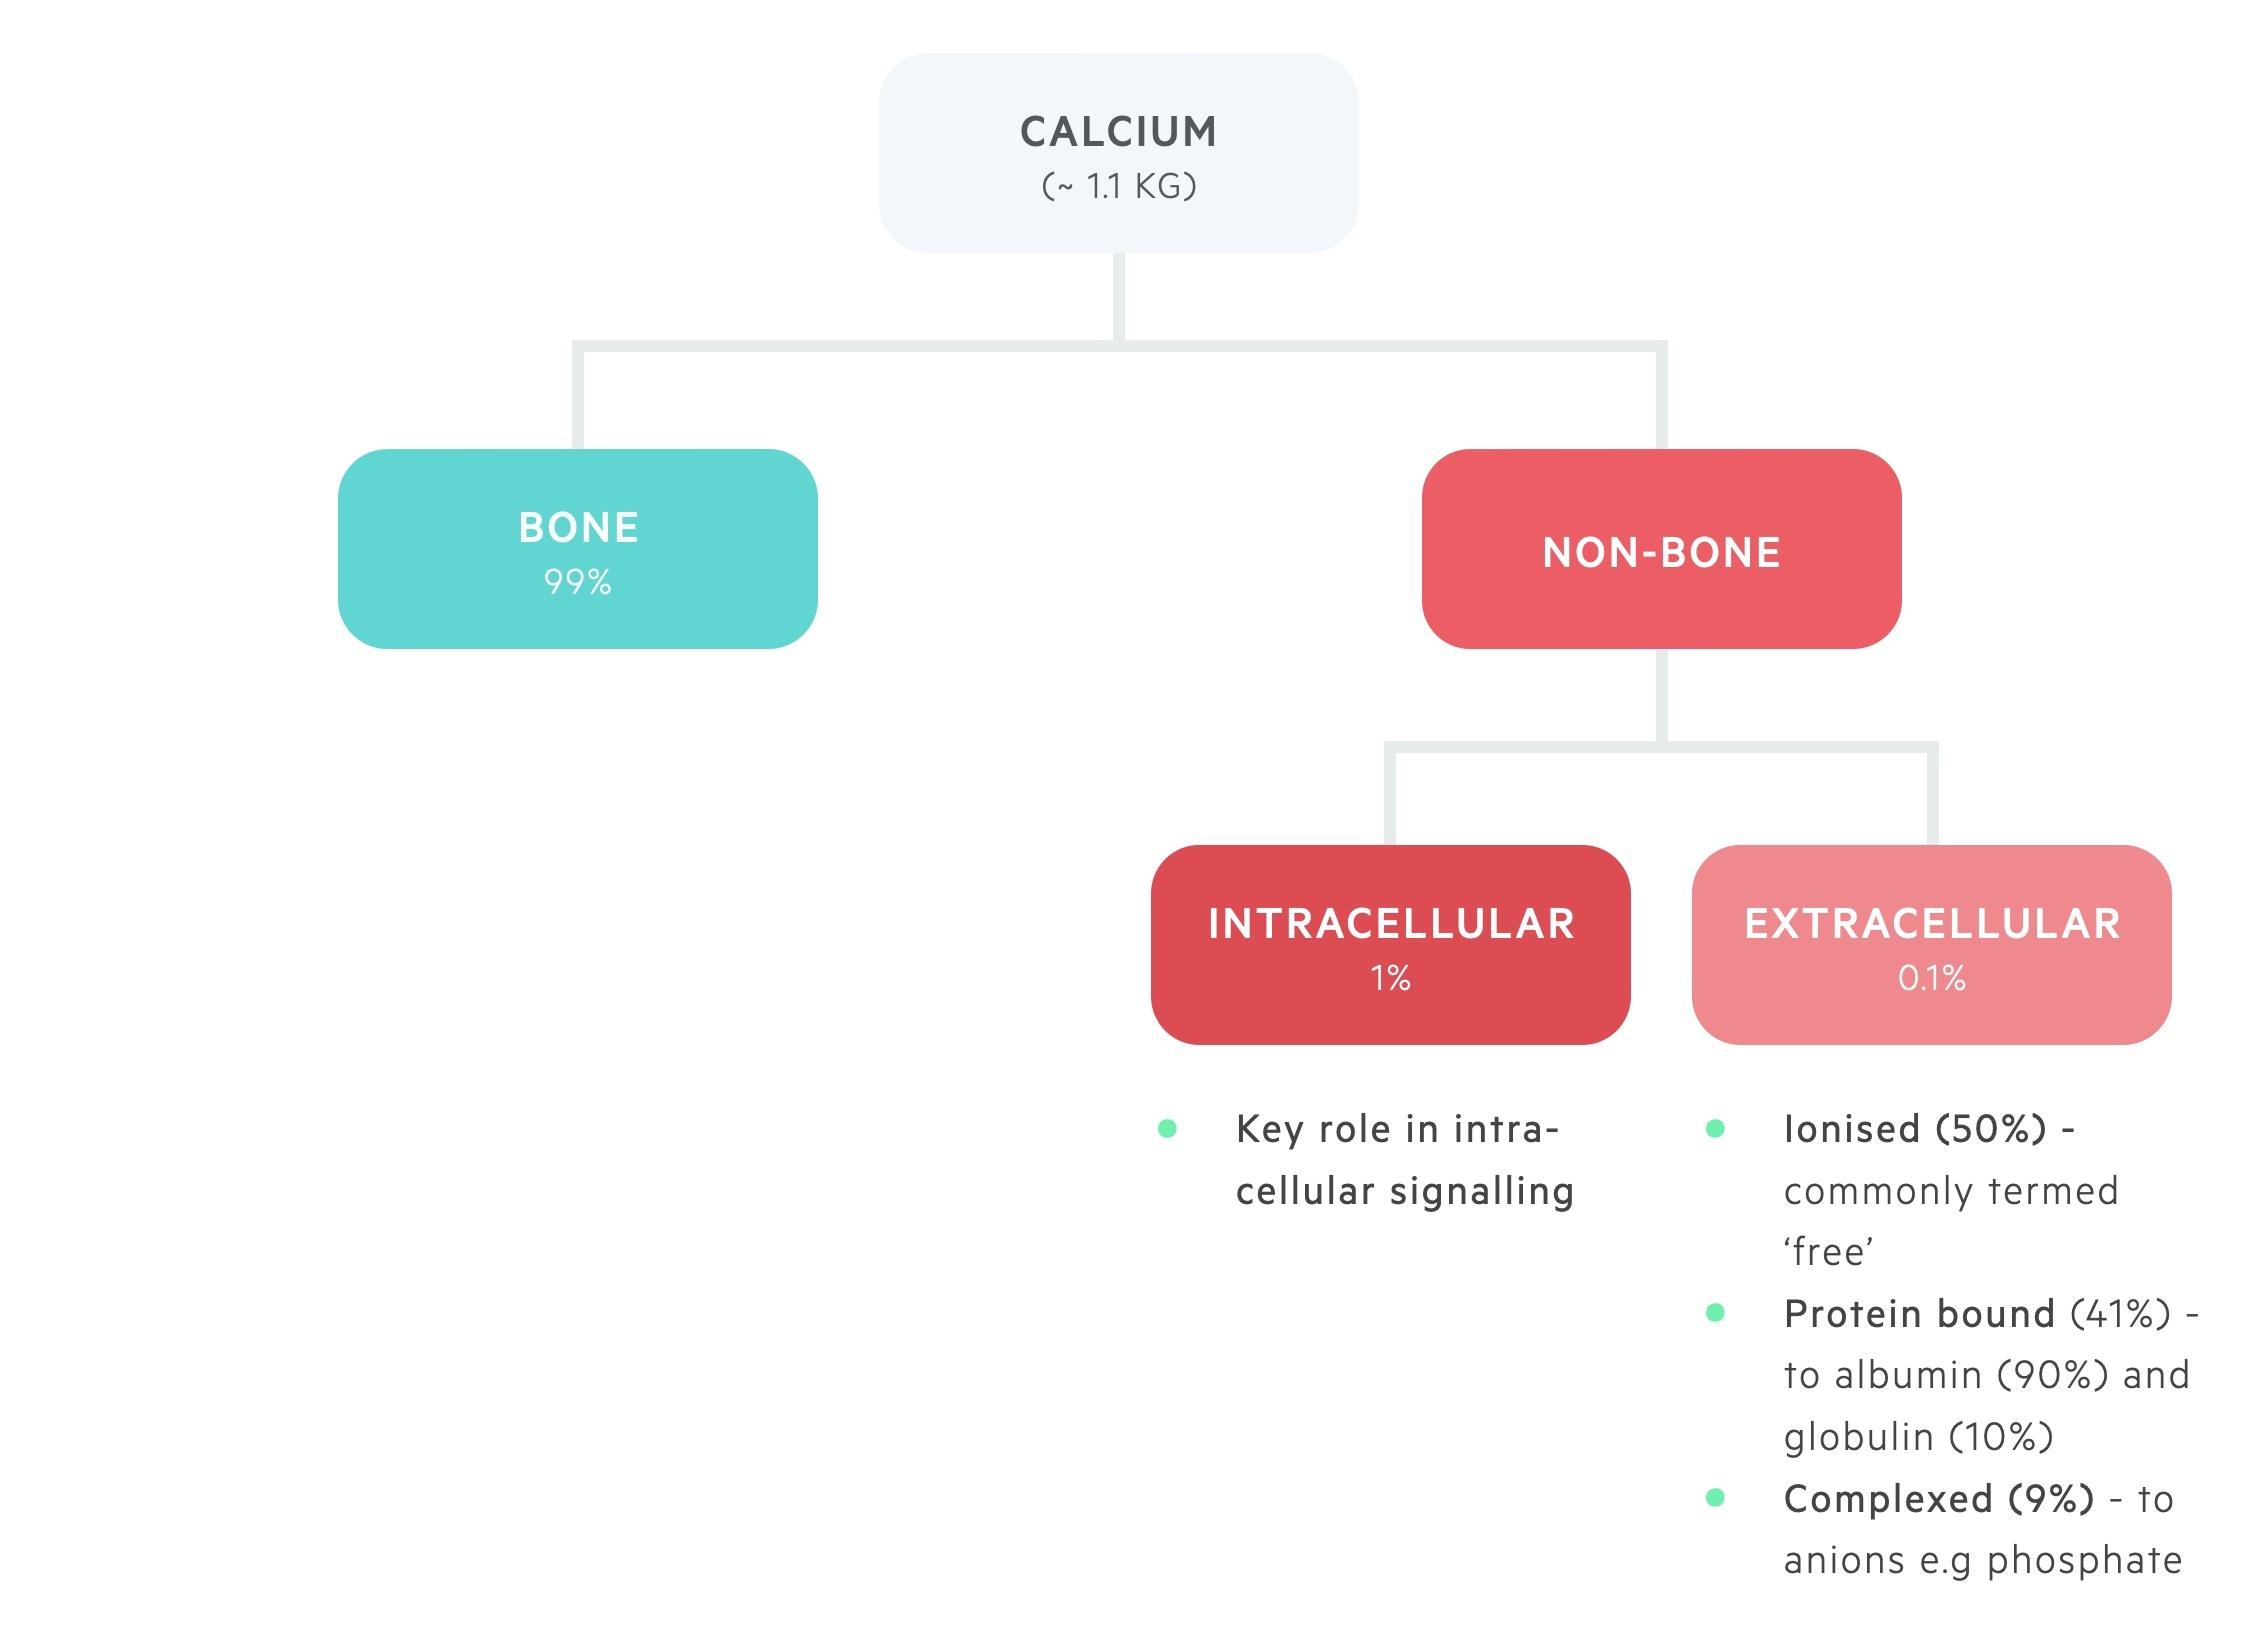 Calcium distribuition